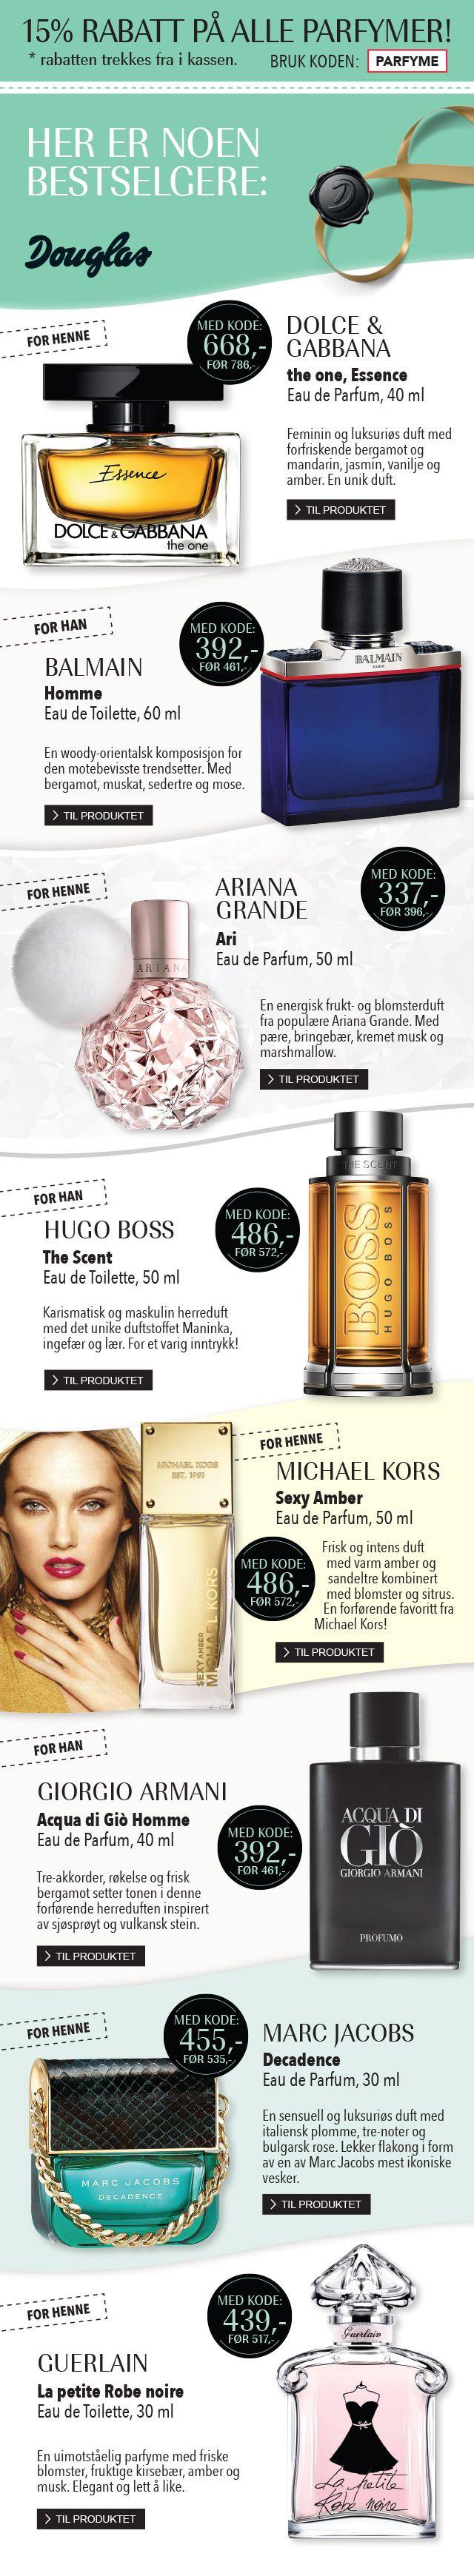 Douglas Newsletter | Goldspot